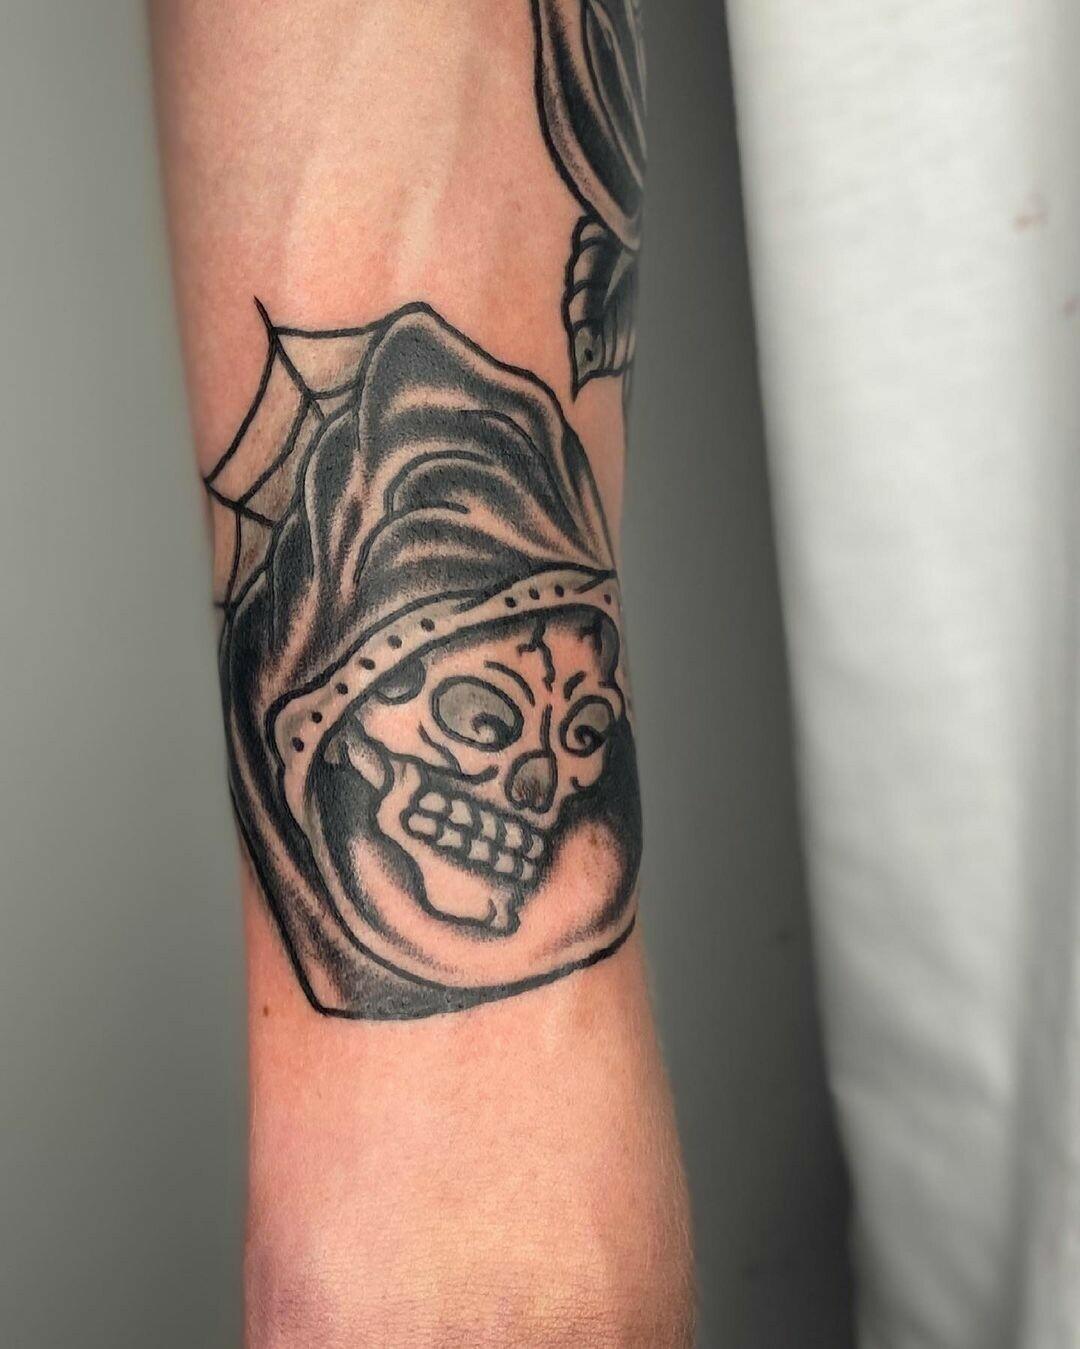 Inksearch tattoo RadekG